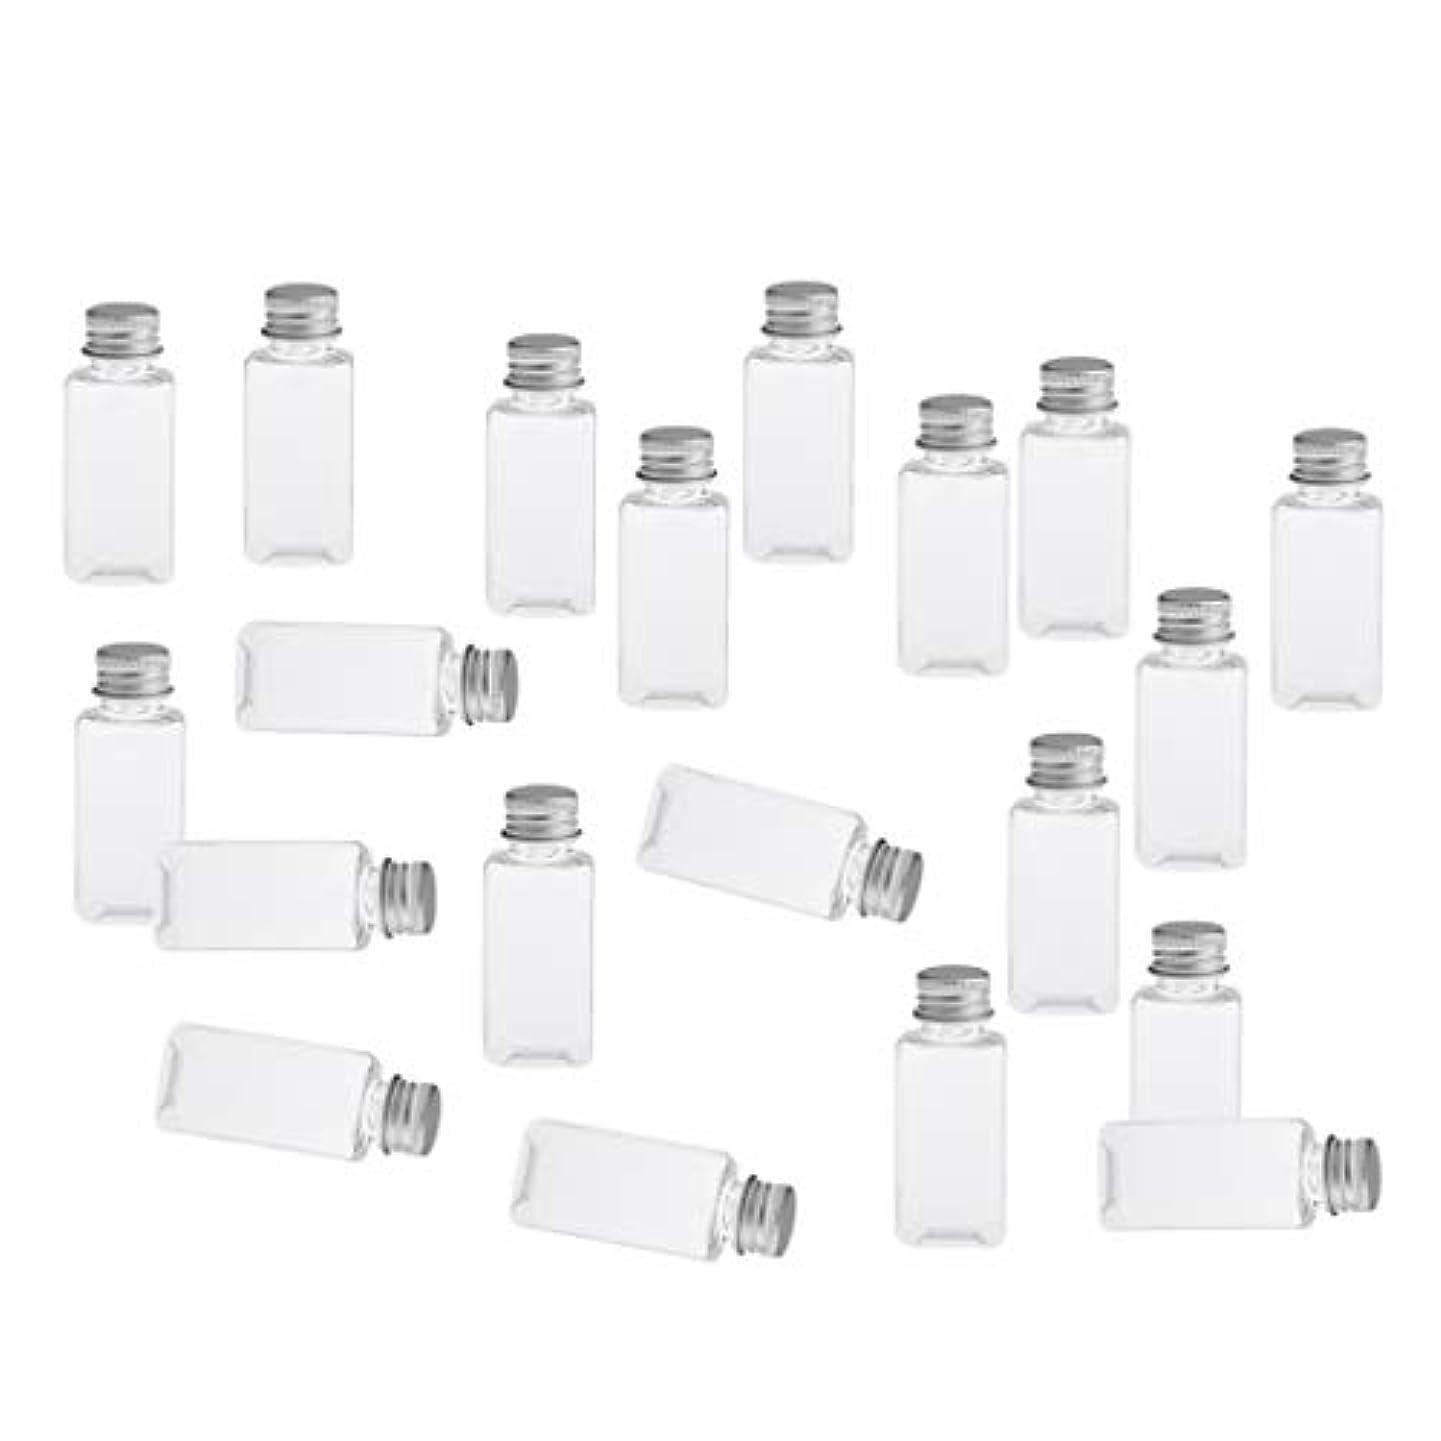 バンクたらいエクスタシー全8色 PETボトル 空のボトル 小分け用 化粧品 香水 エッセンシャルオイル 漏れ防止 約20個 - クリアシルバー